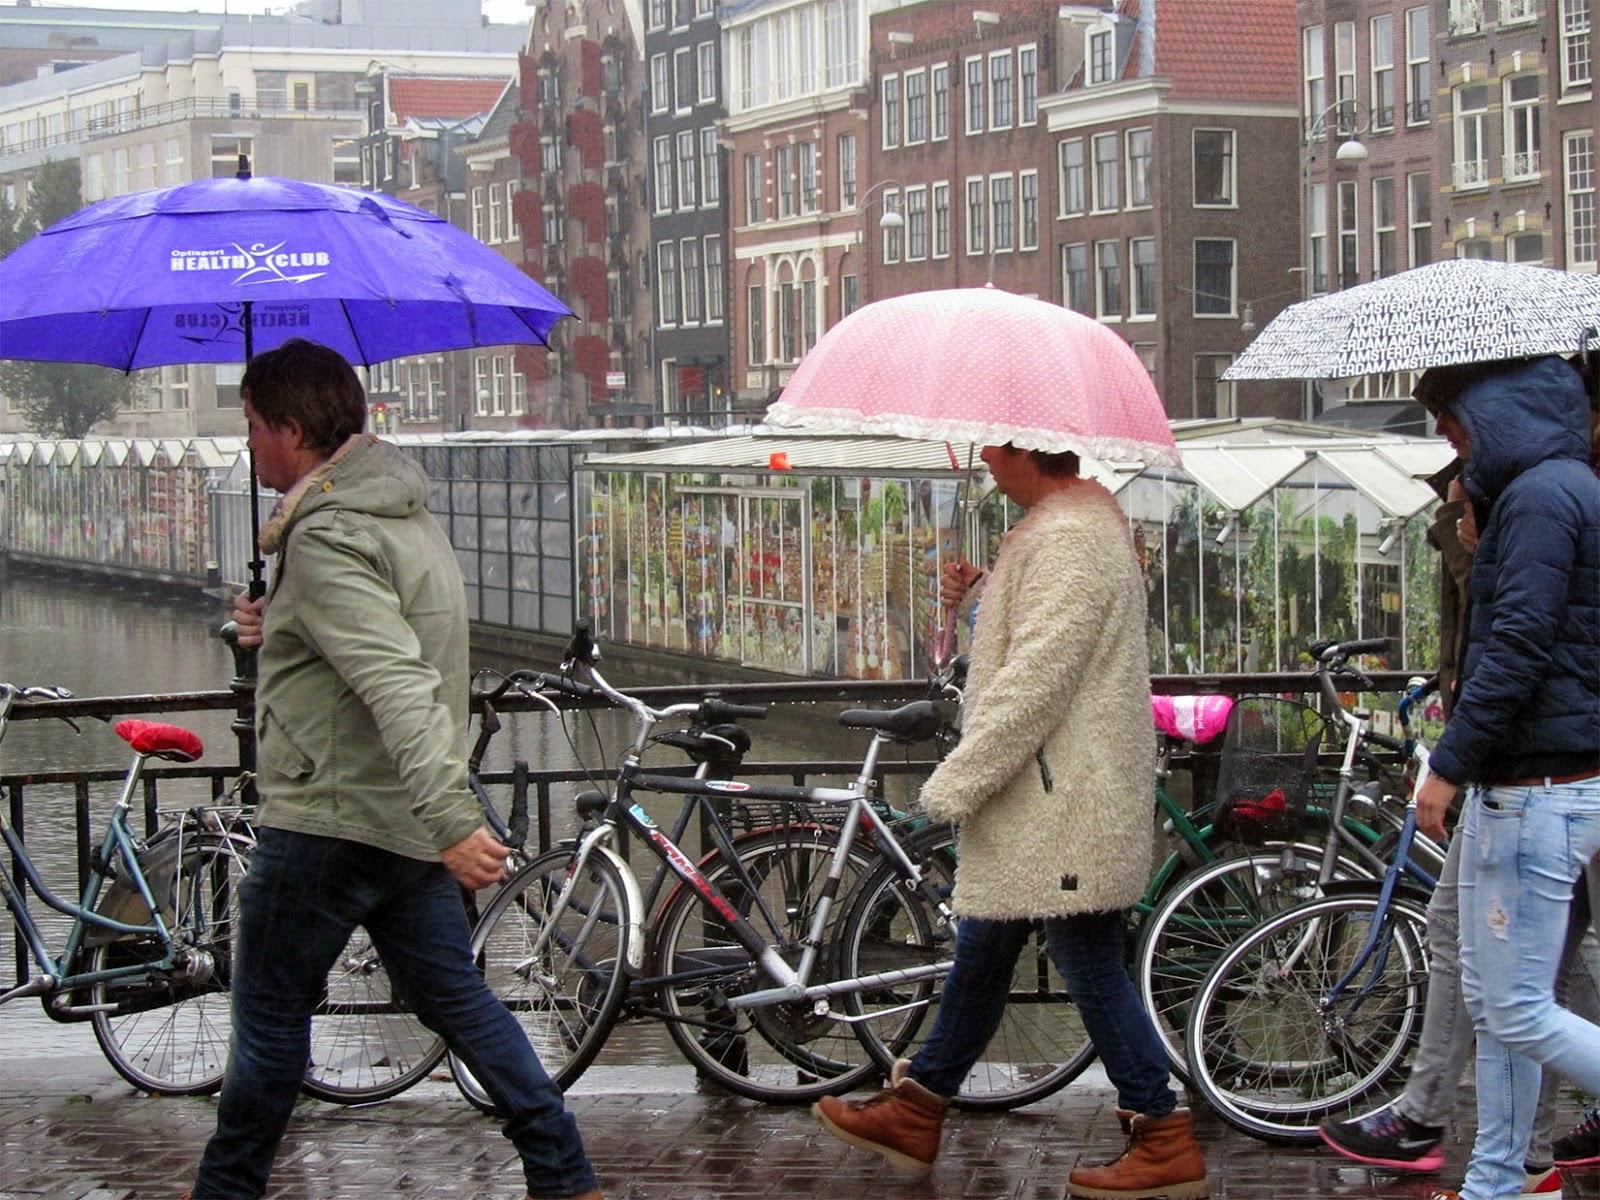 three umbrellas